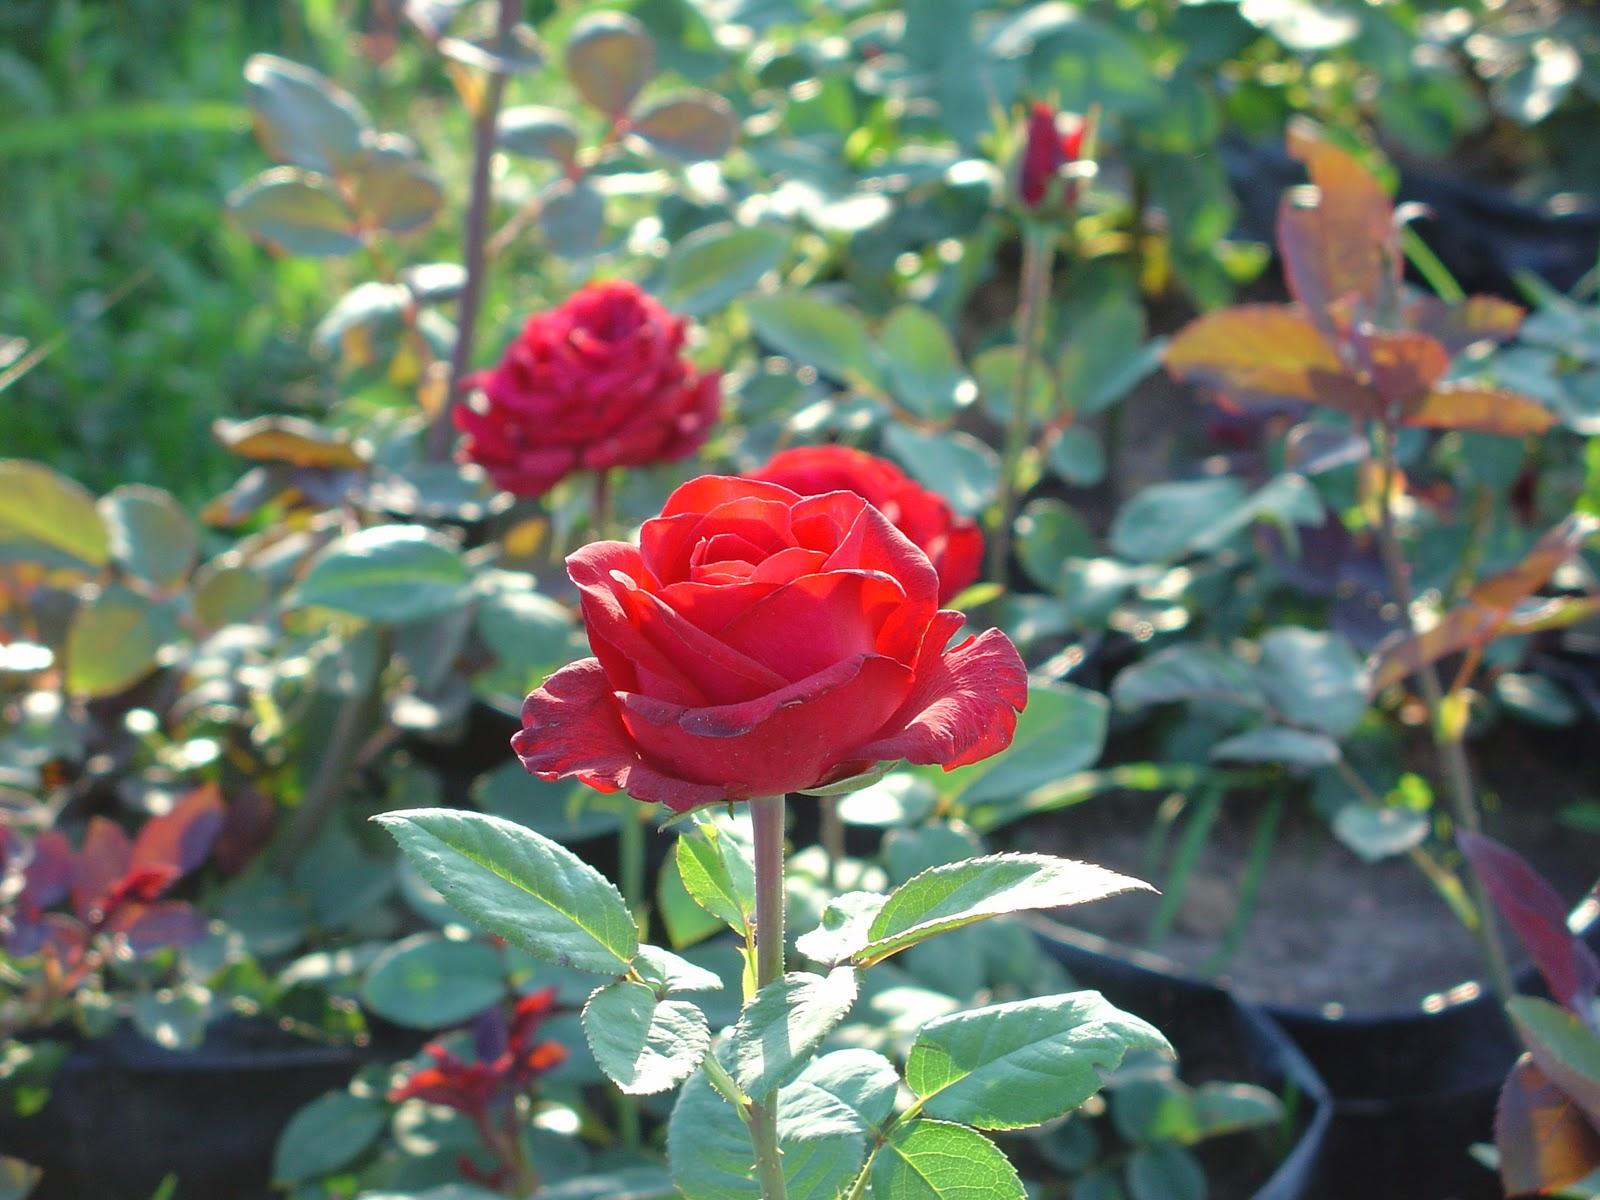 vivero de plantas de rosas jujuy galer a de im genes